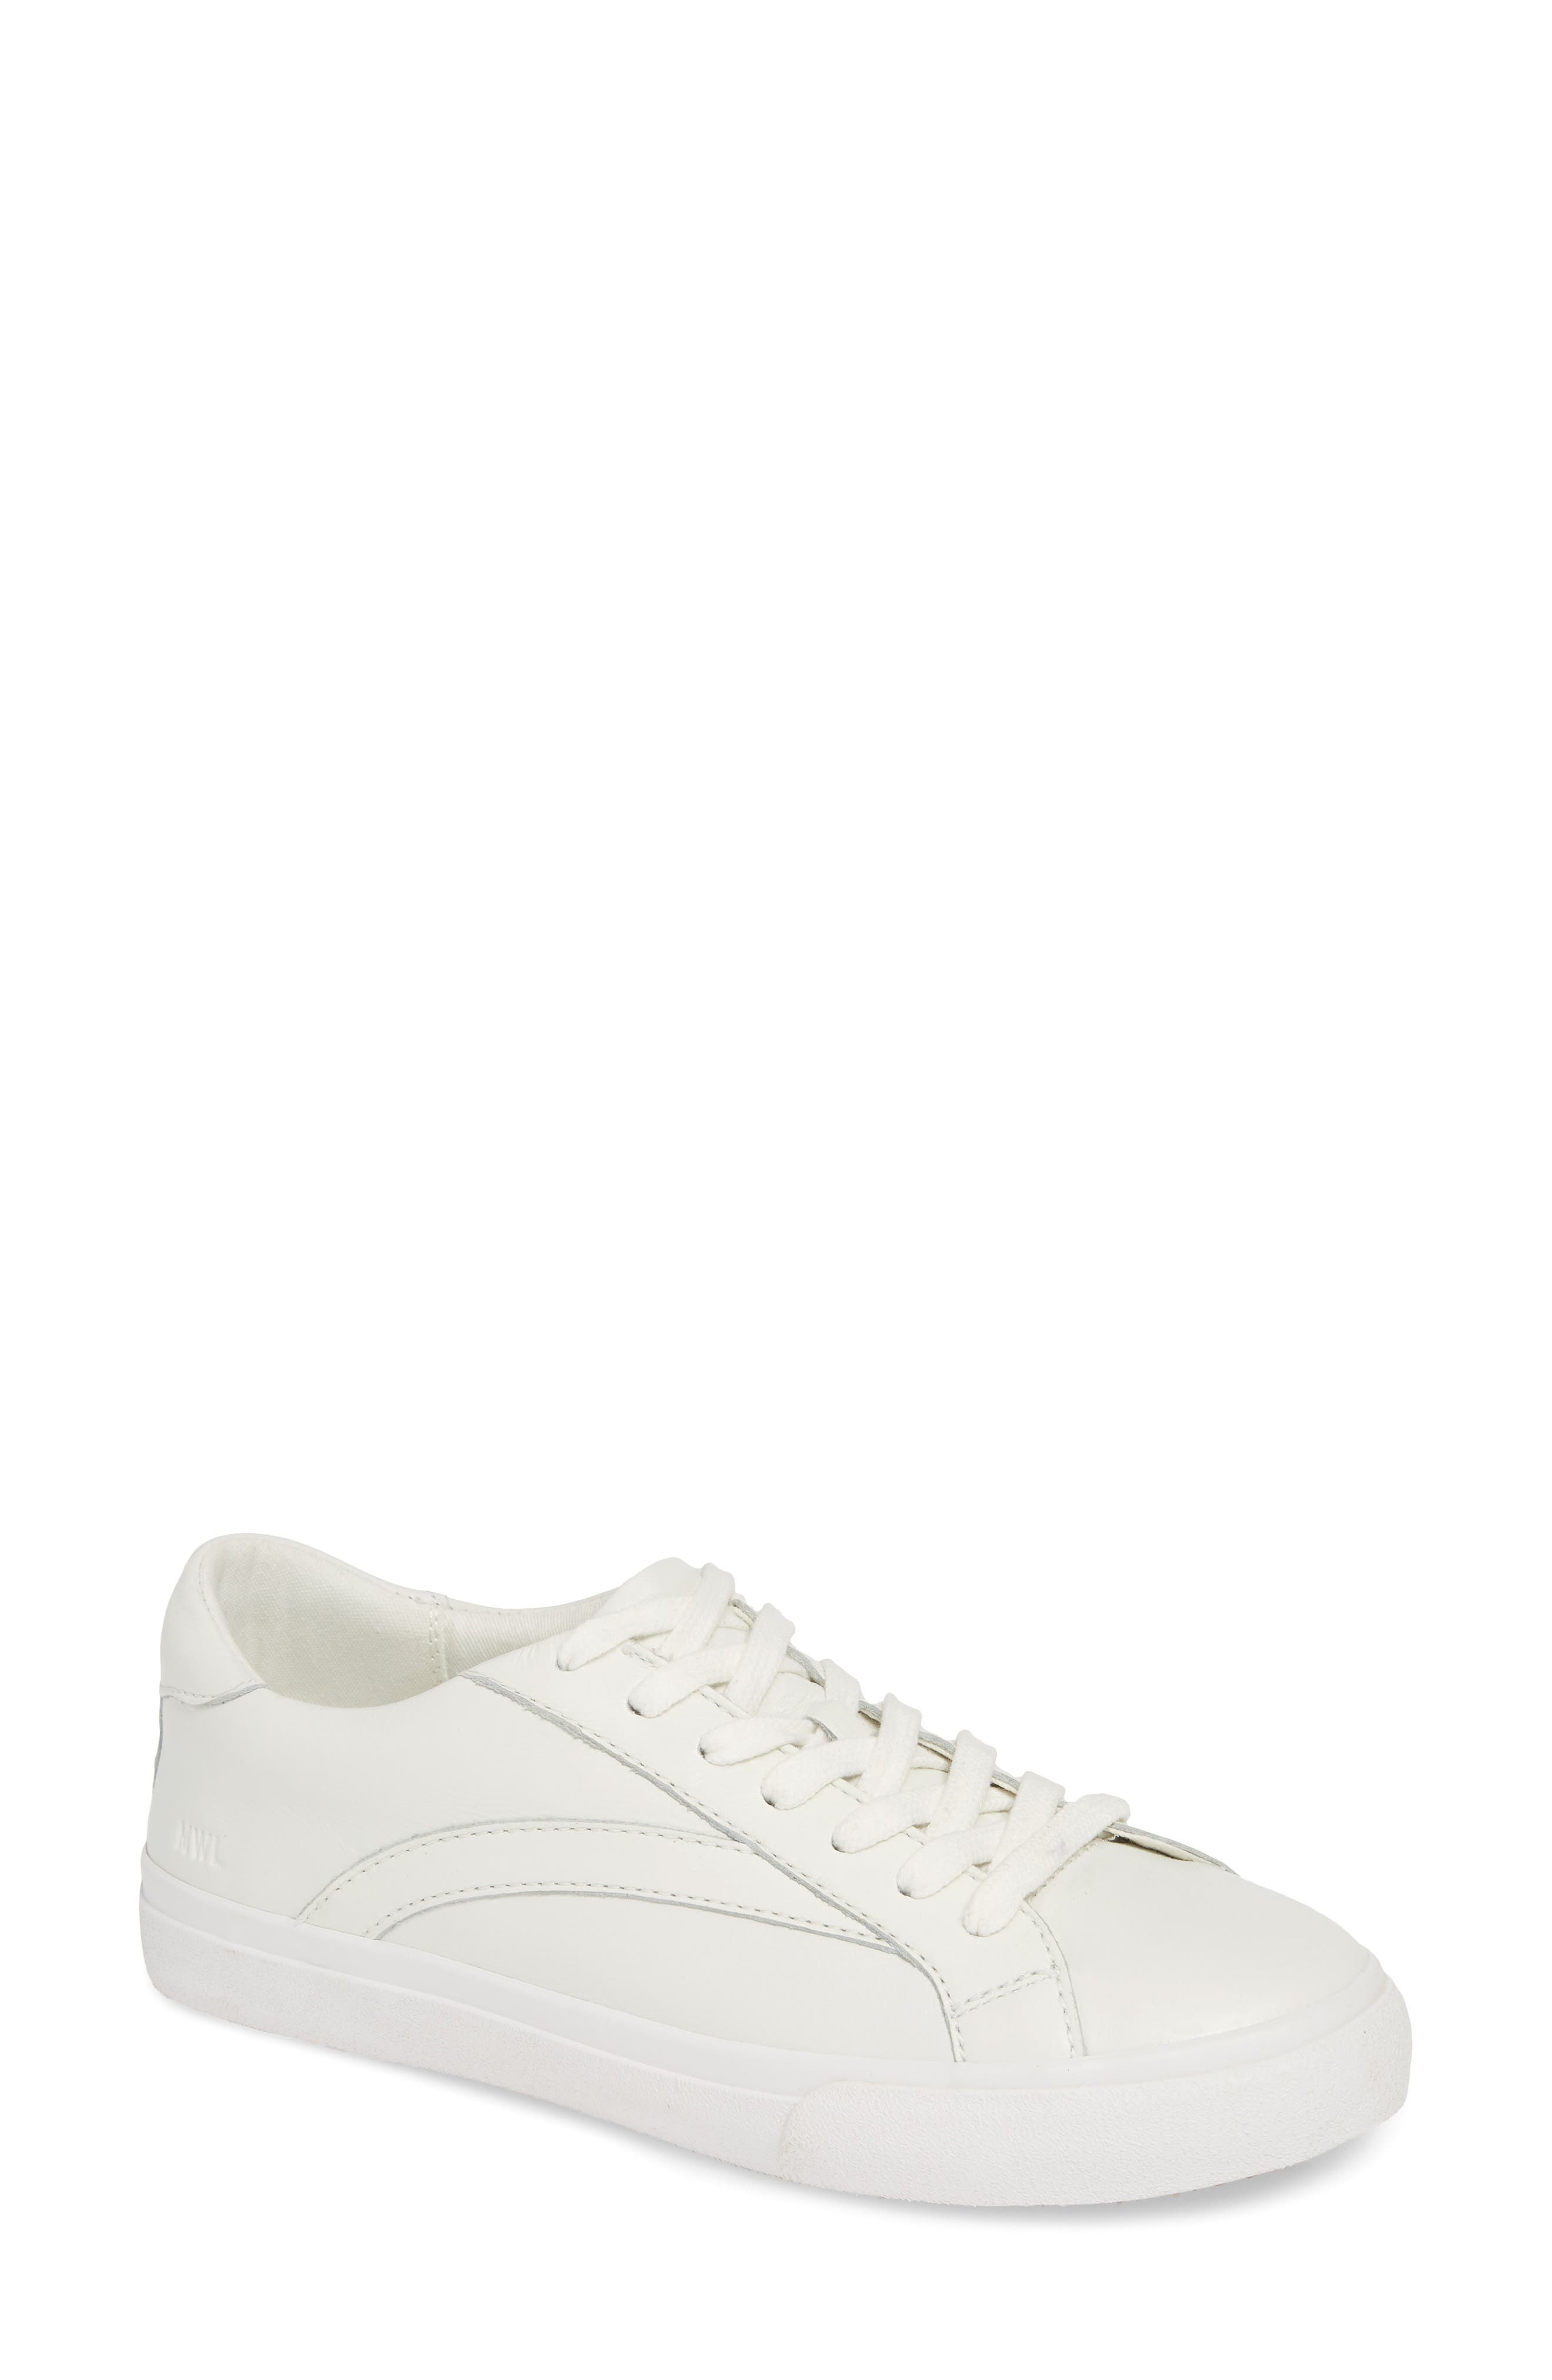 Image of Madewell Sidewalk Low Top Sneaker